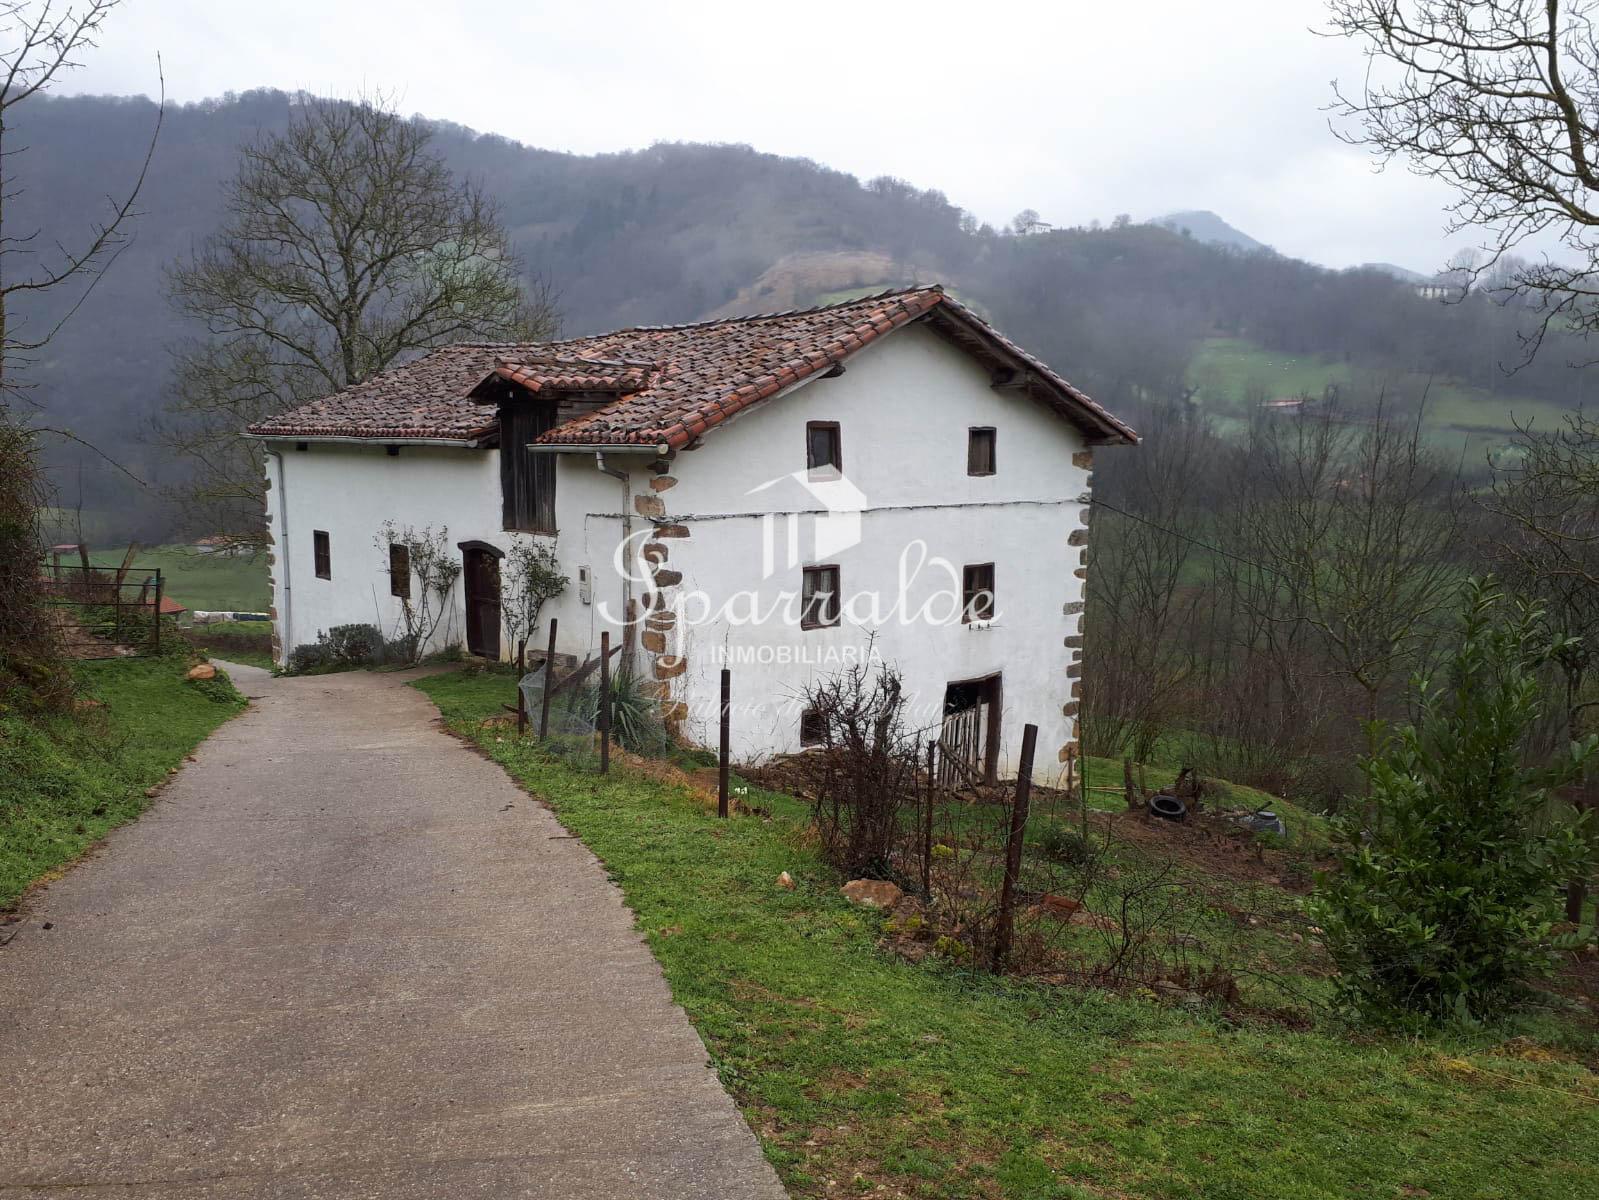 Casa individual en plena naturaleza y con vistas espectaculares.